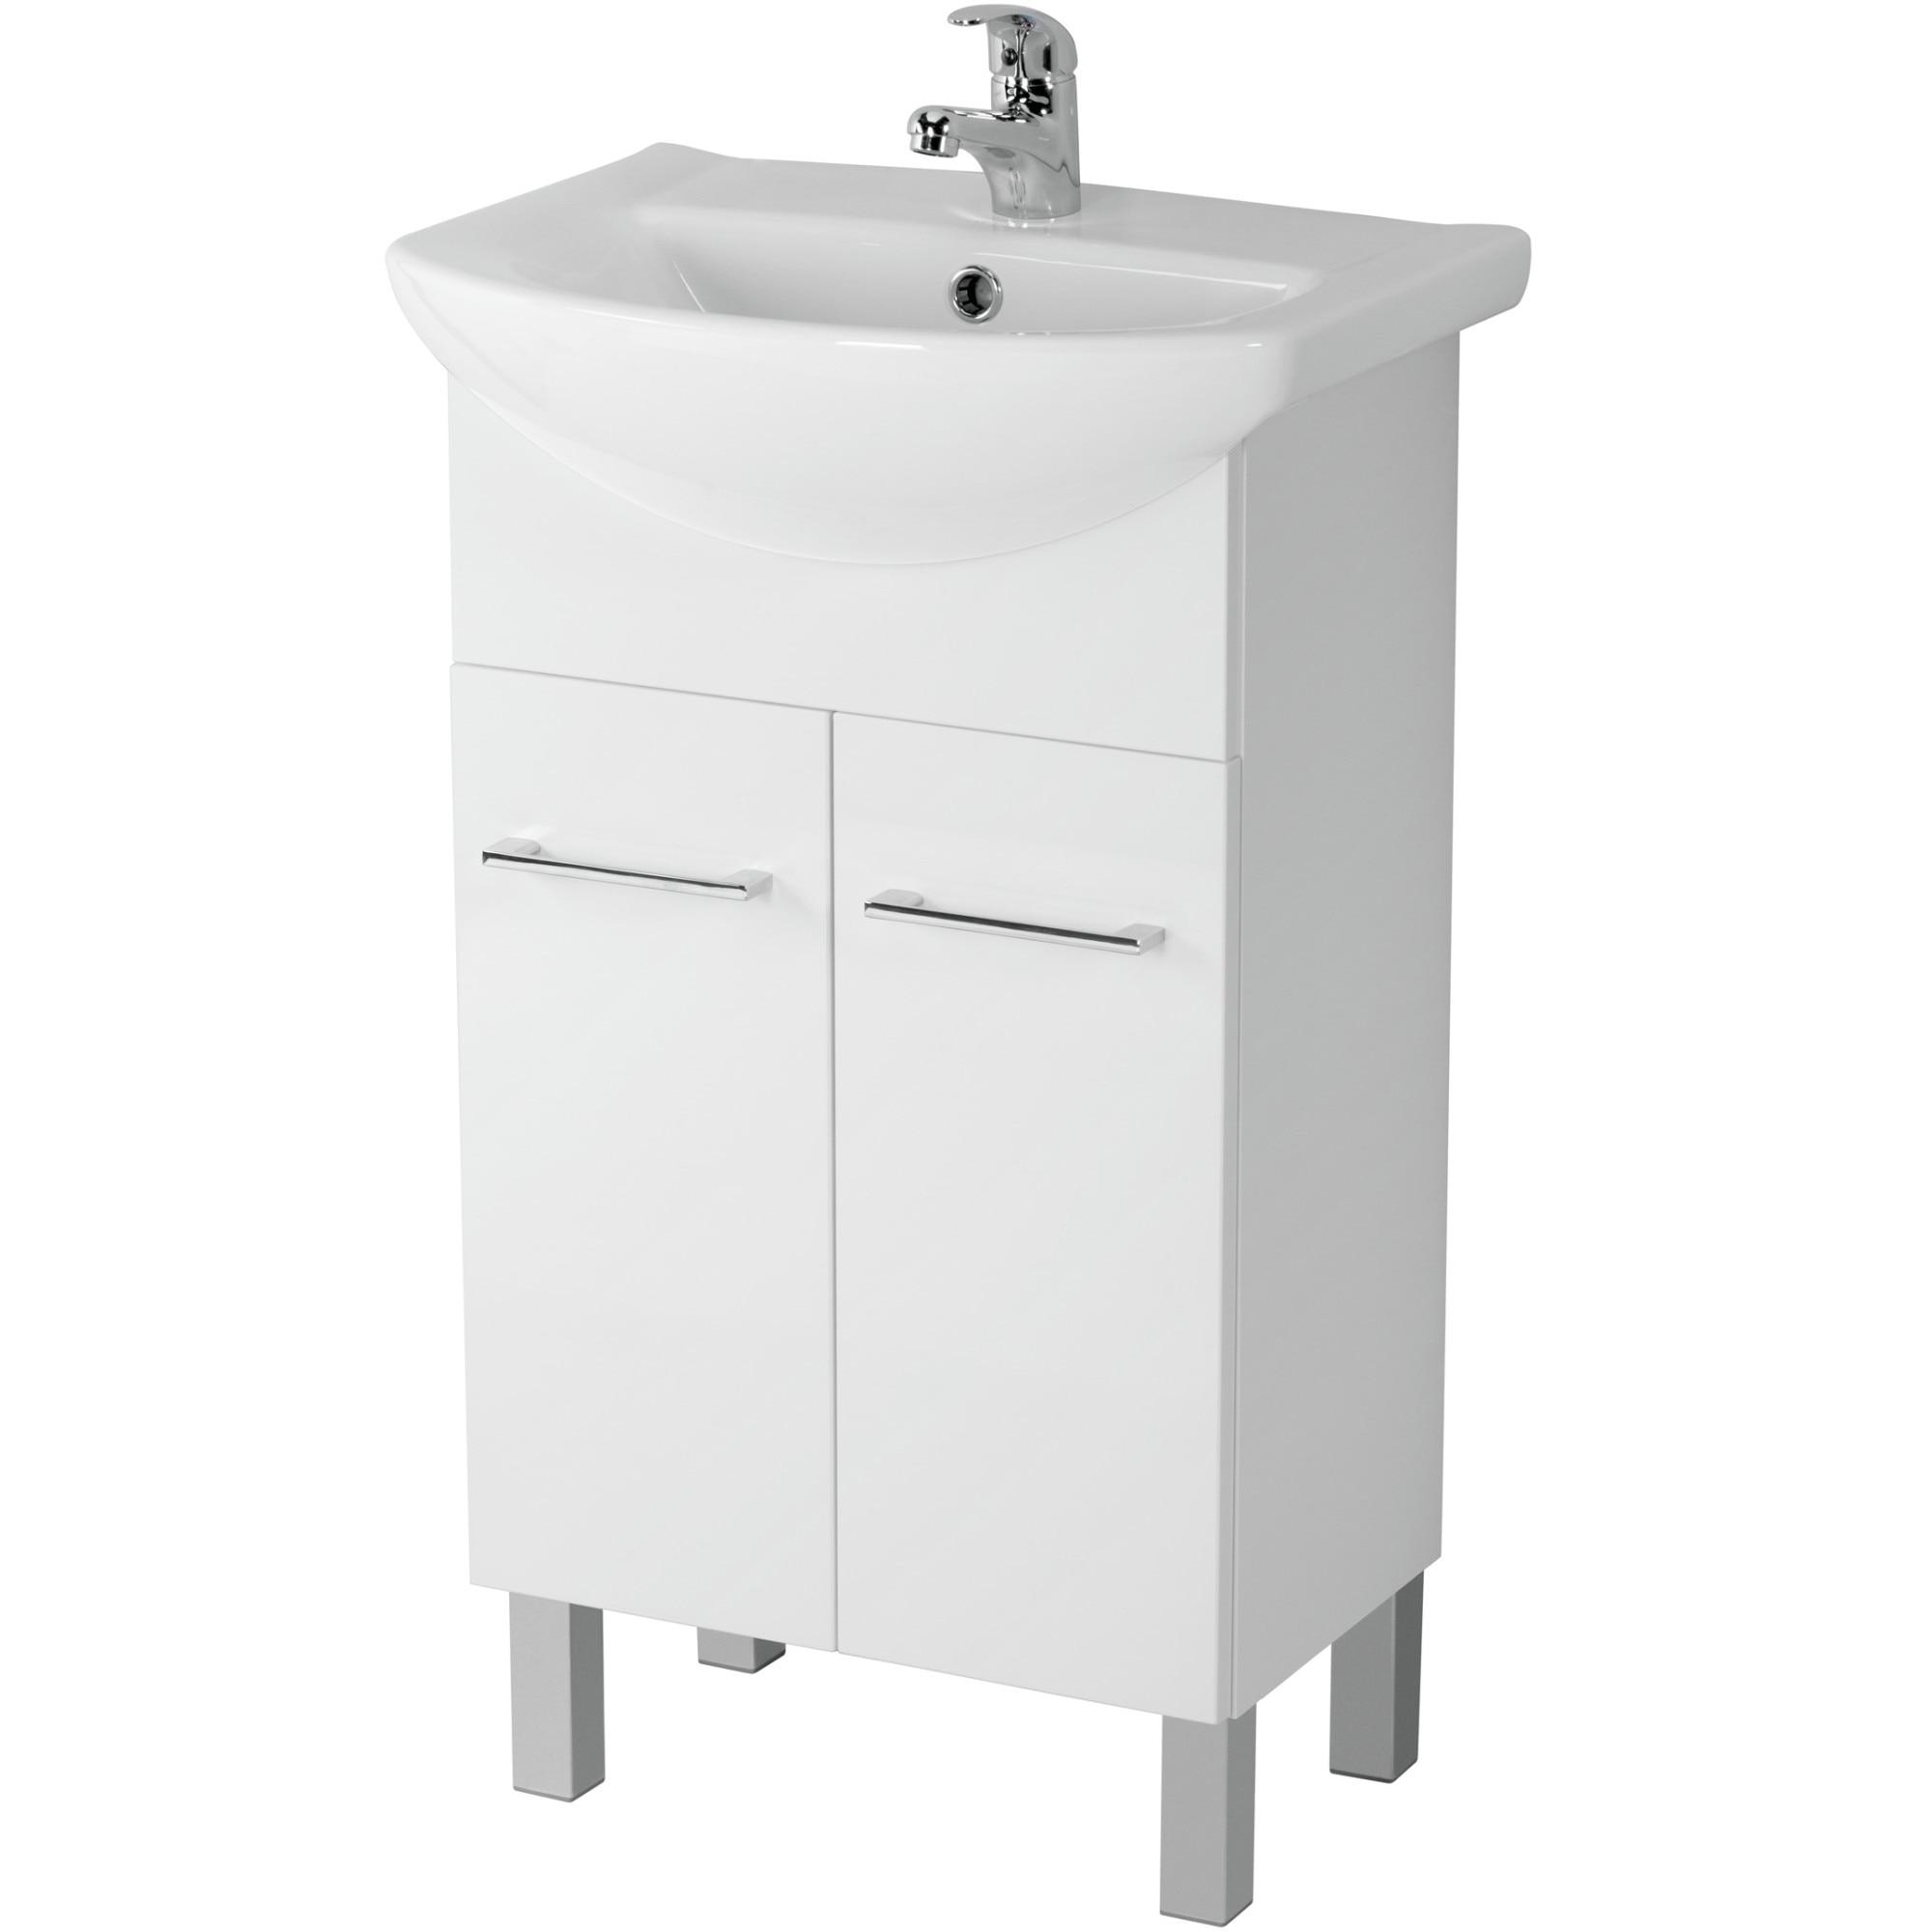 Fotografie Pachet baza mobilier Cersanit Olivia S801-194 + lavoar Libra, 50 cm, alb, montat